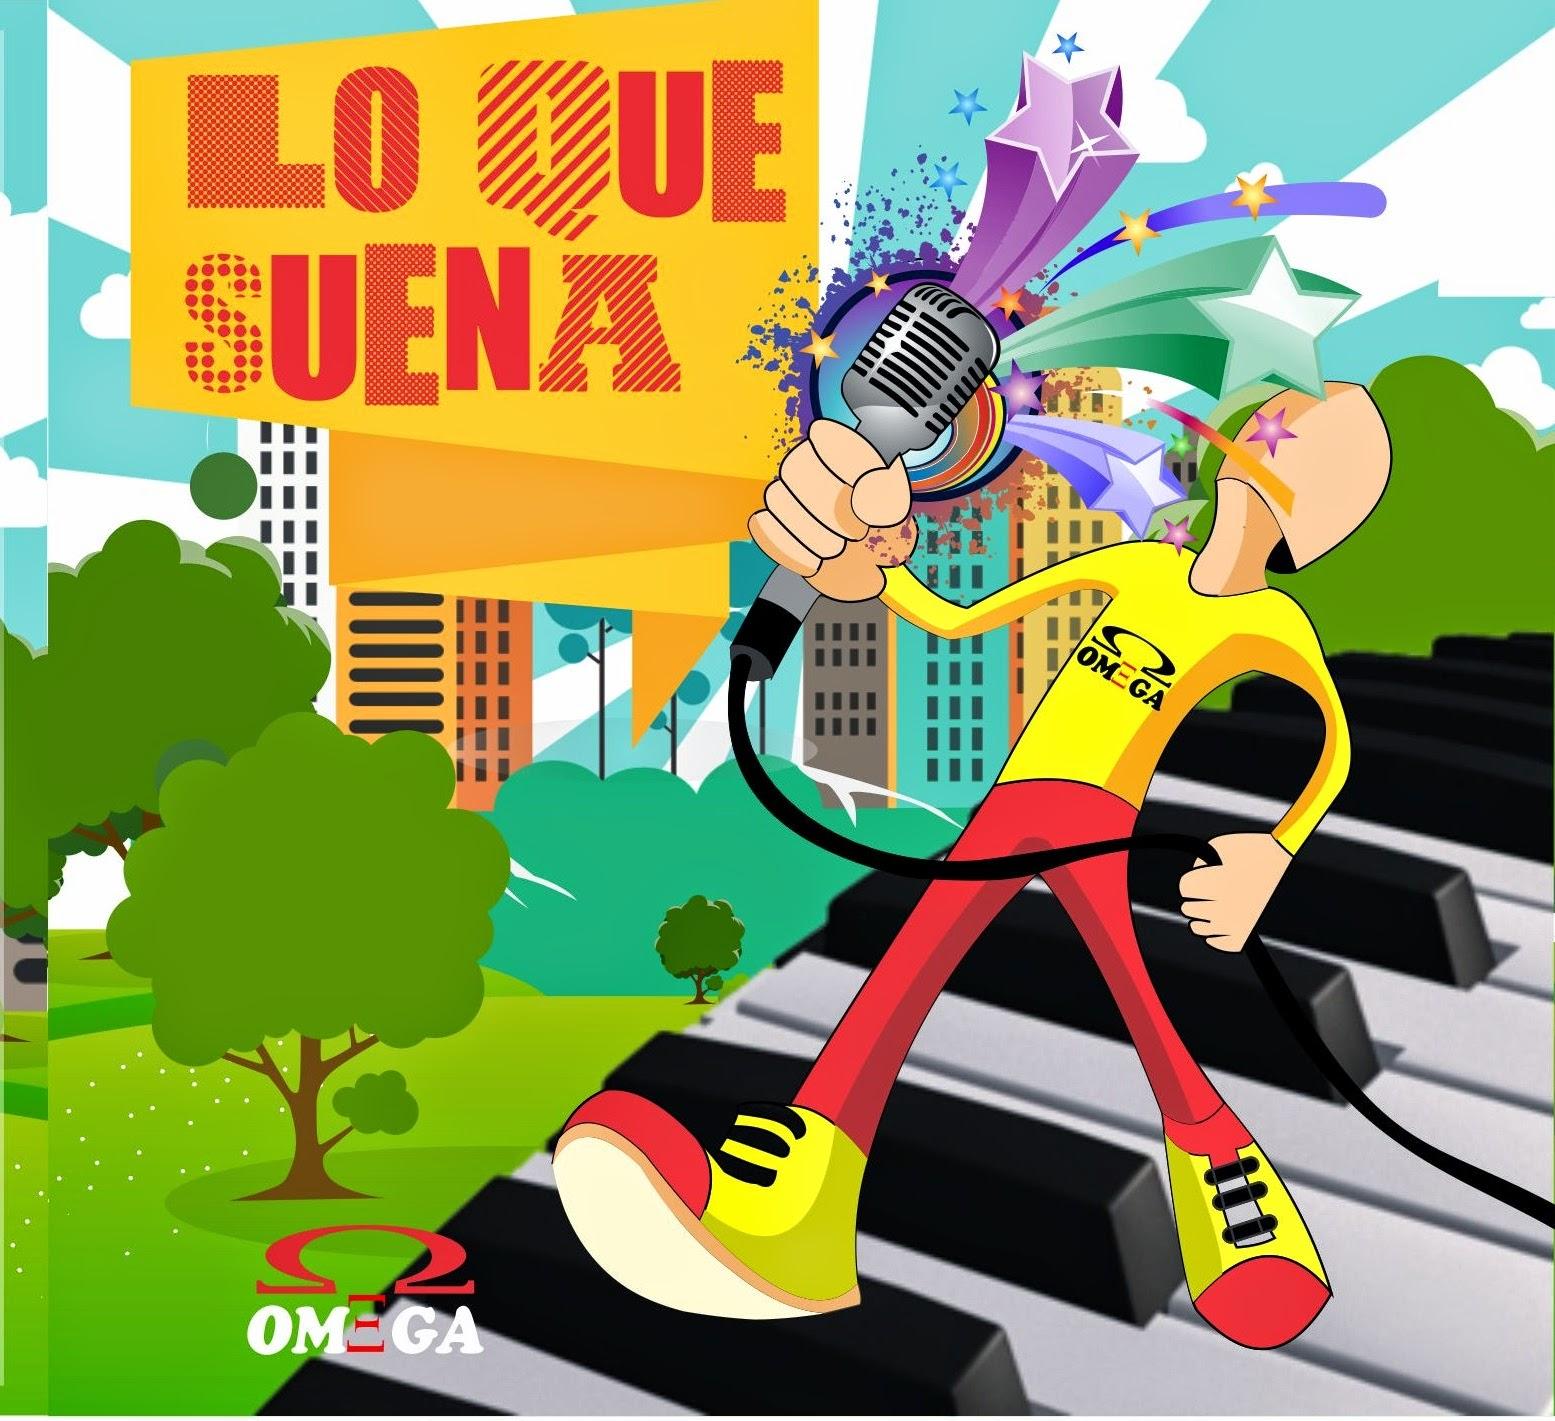 Omega - Lo Que Suena (2015)